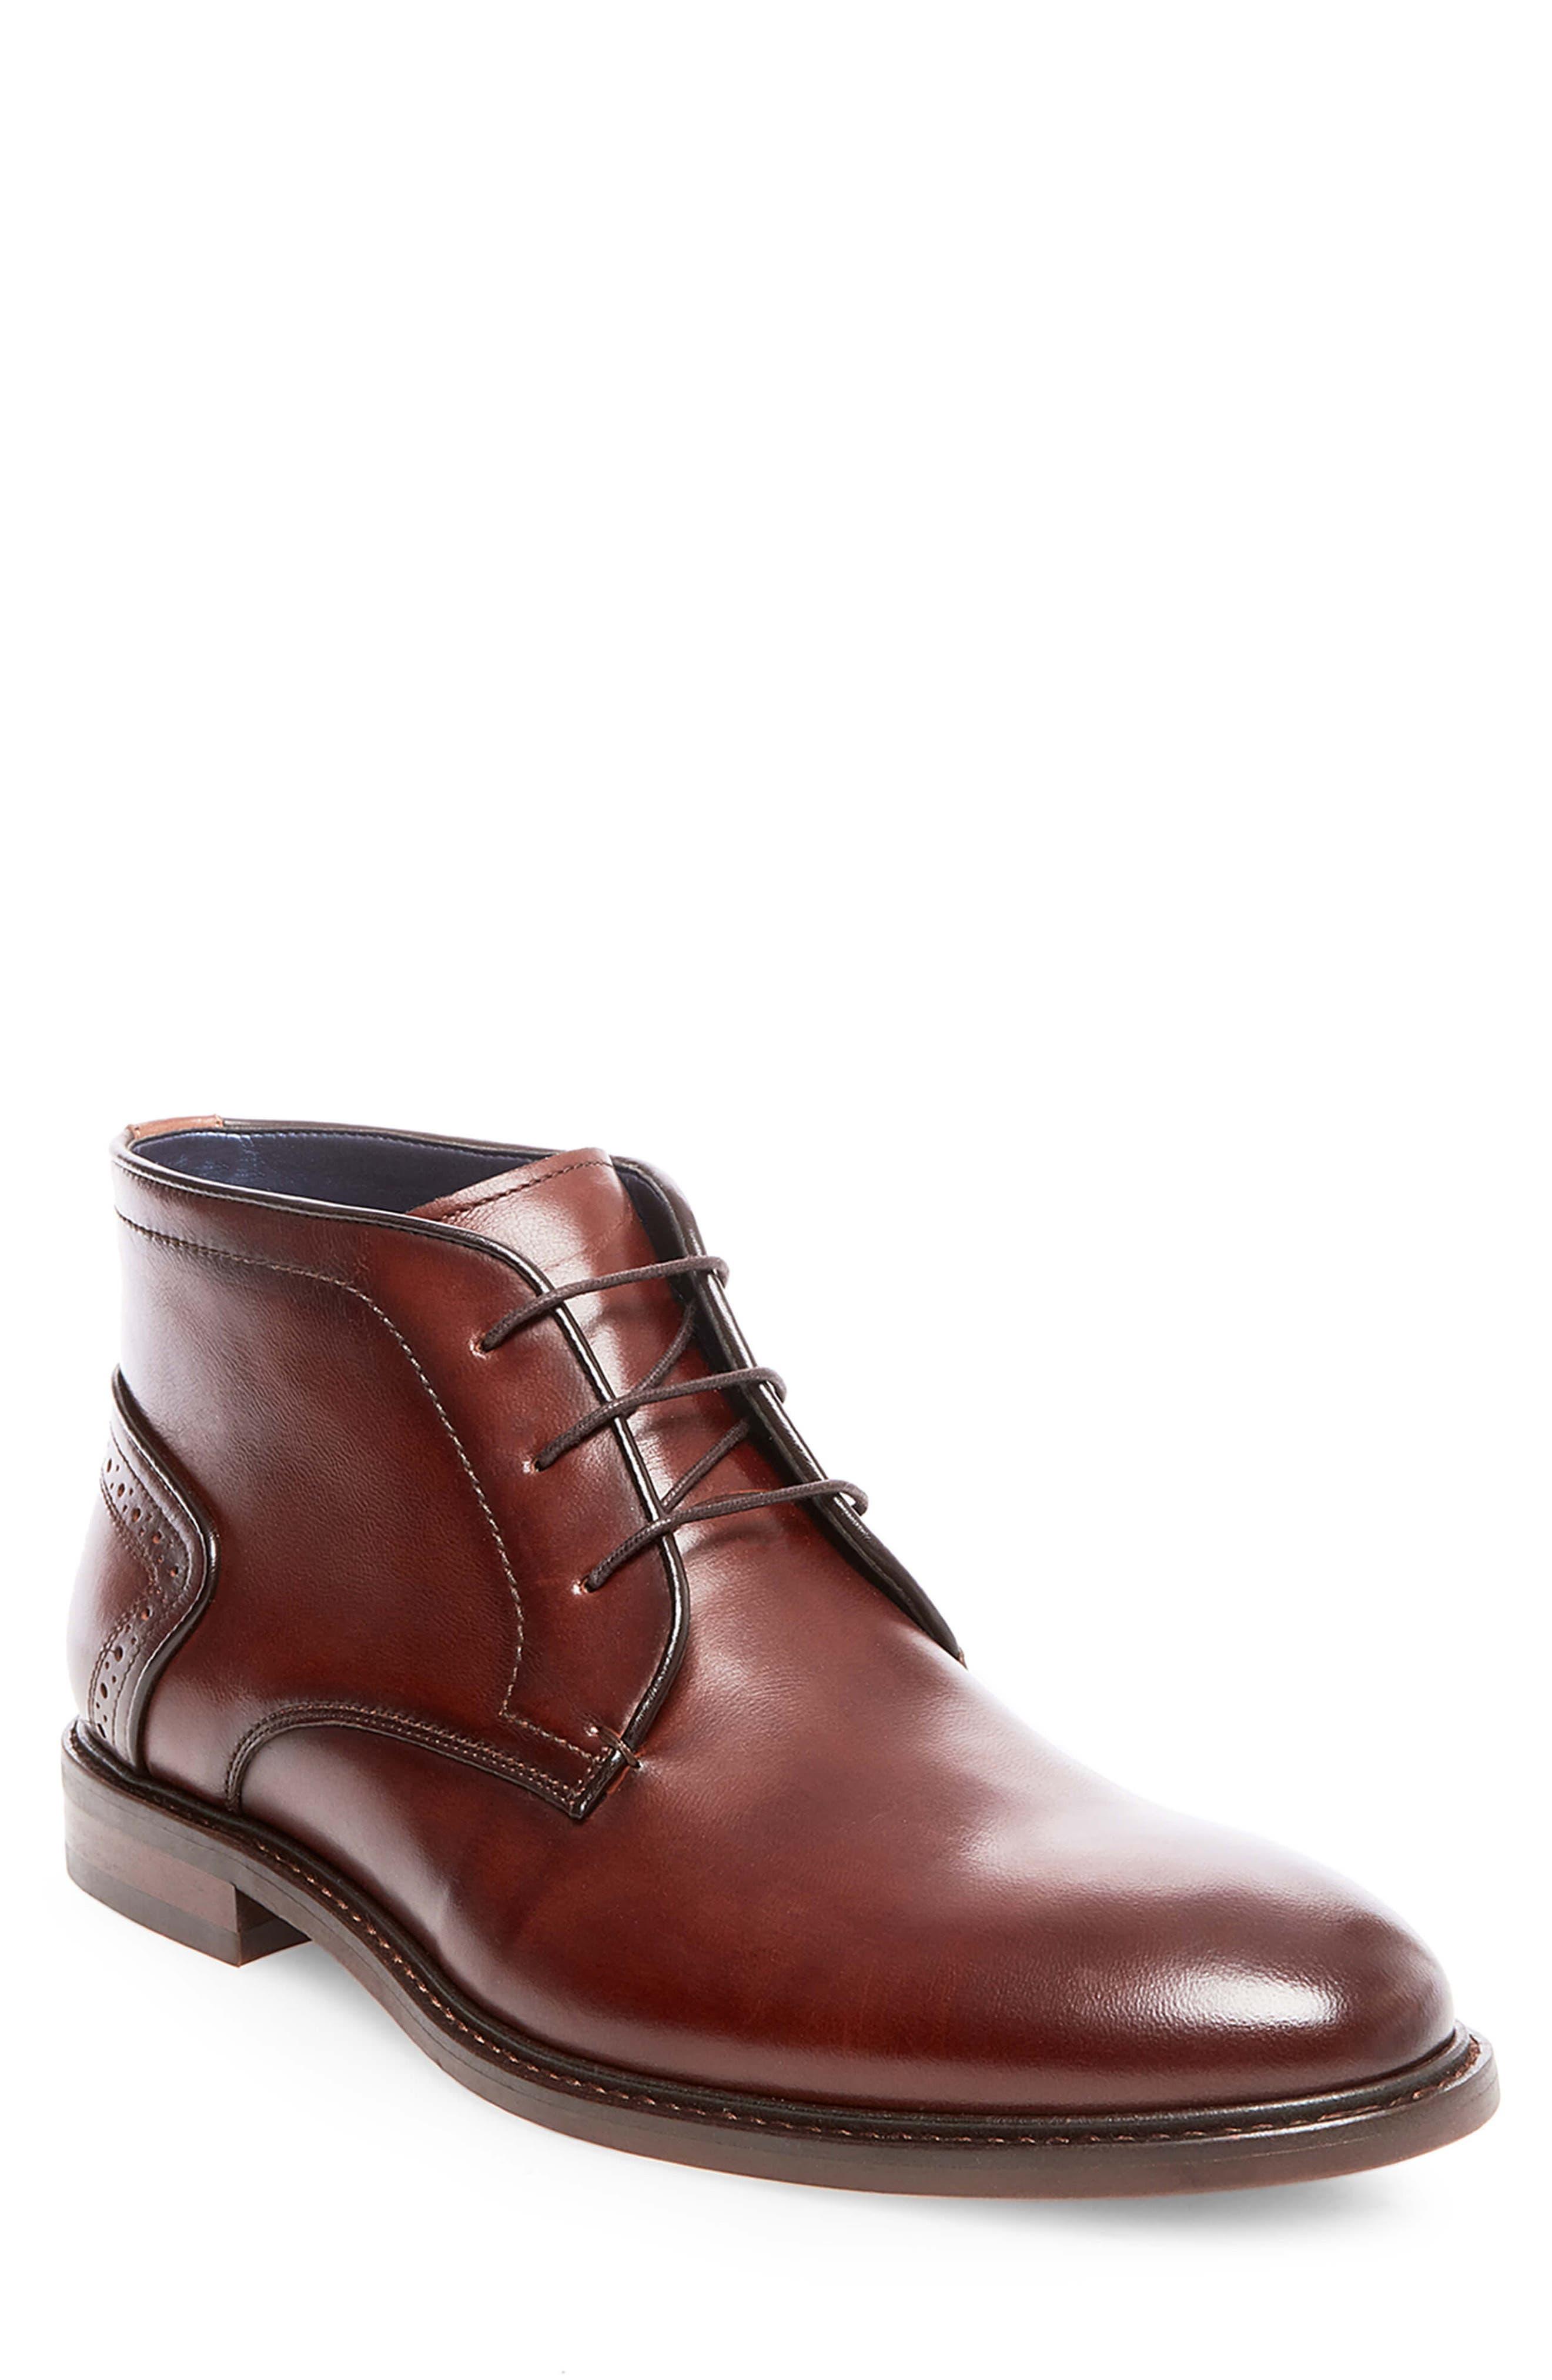 Alternate Image 1 Selected - Steve Madden Bowen Chukka Boot (Men)